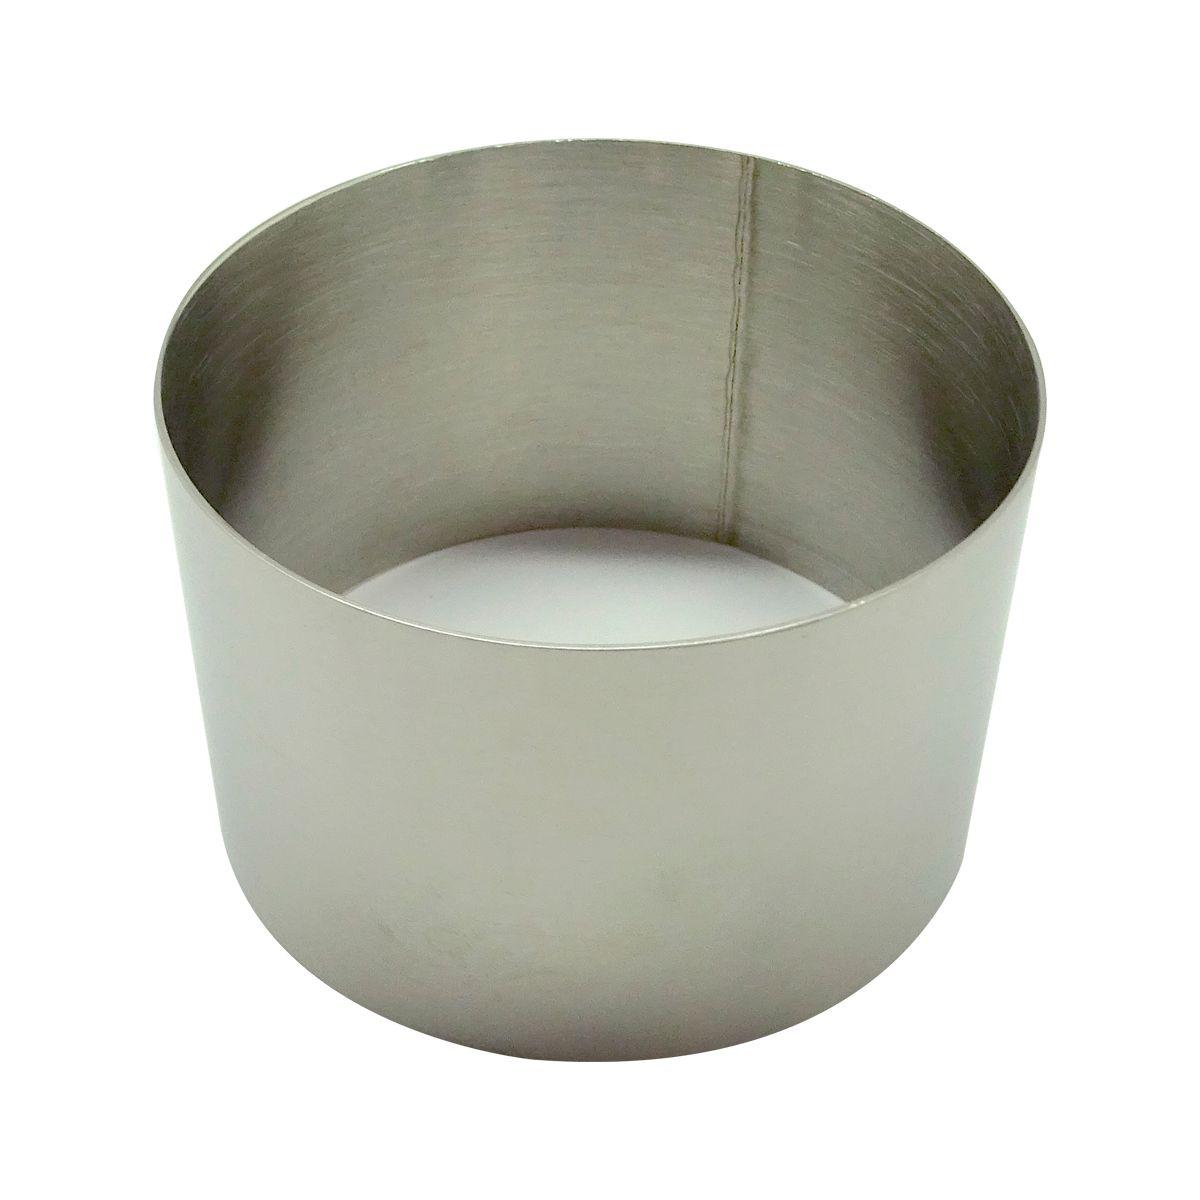 Cercle inox diamètre 7 cm et hauteur 4.5 cm